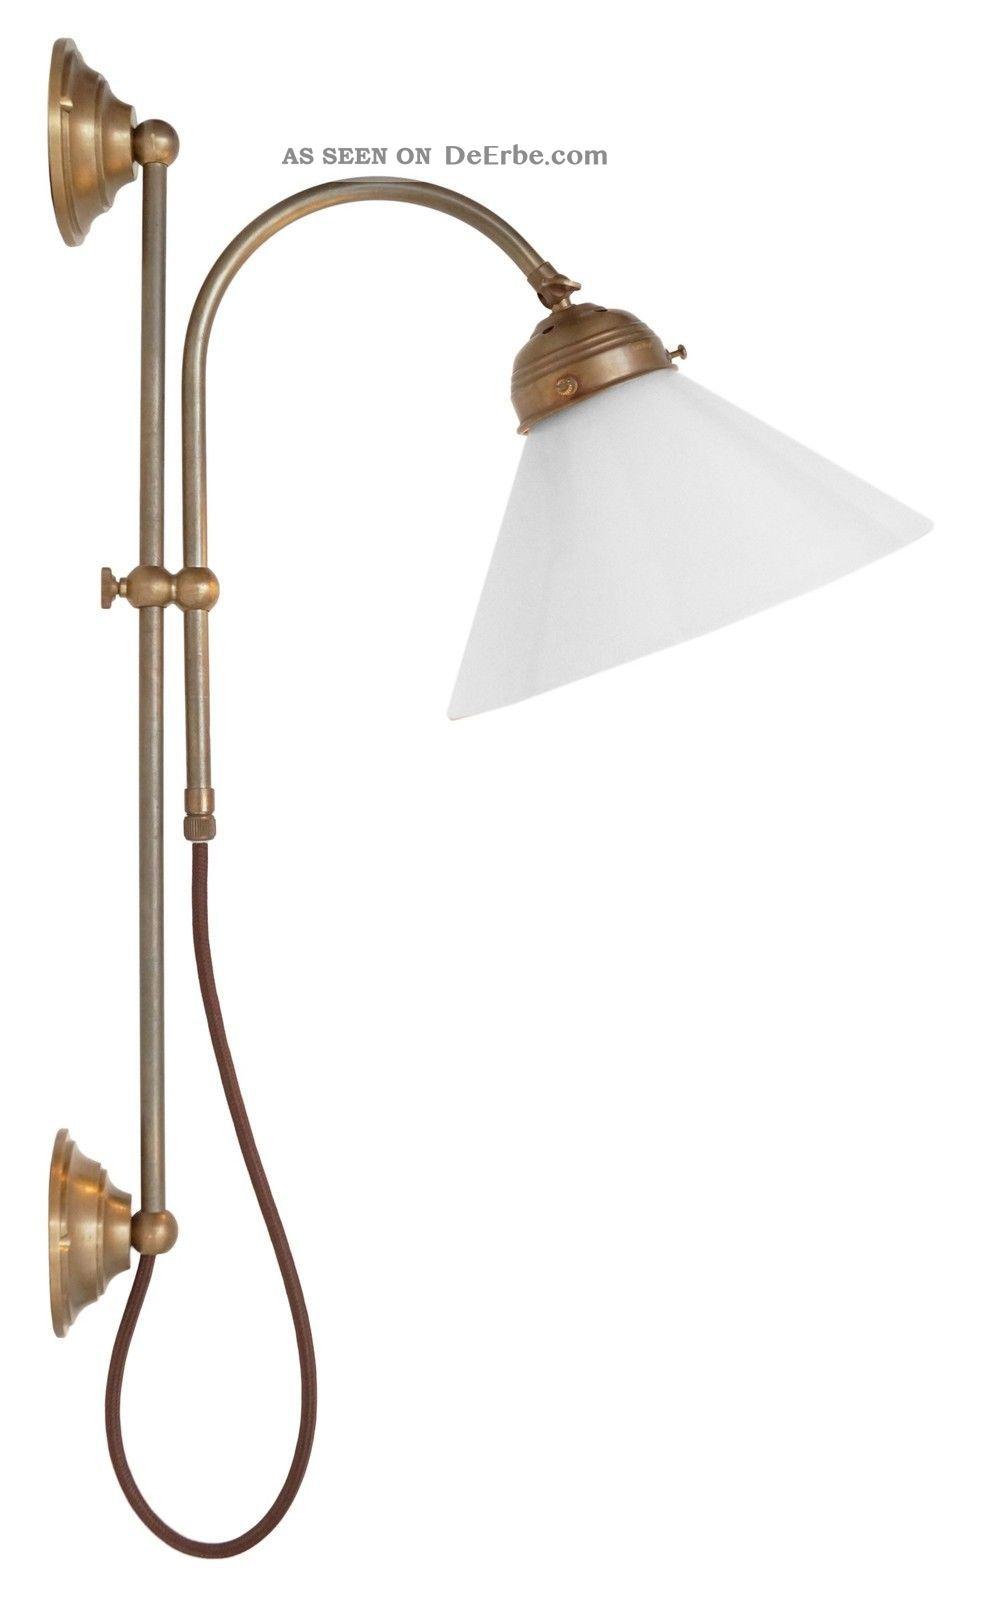 Klassische Messing Wandleuchte Wandlampe Opalglas Berlin 2 Stk.  Verfügbar Gefertigt nach 1945 Bild